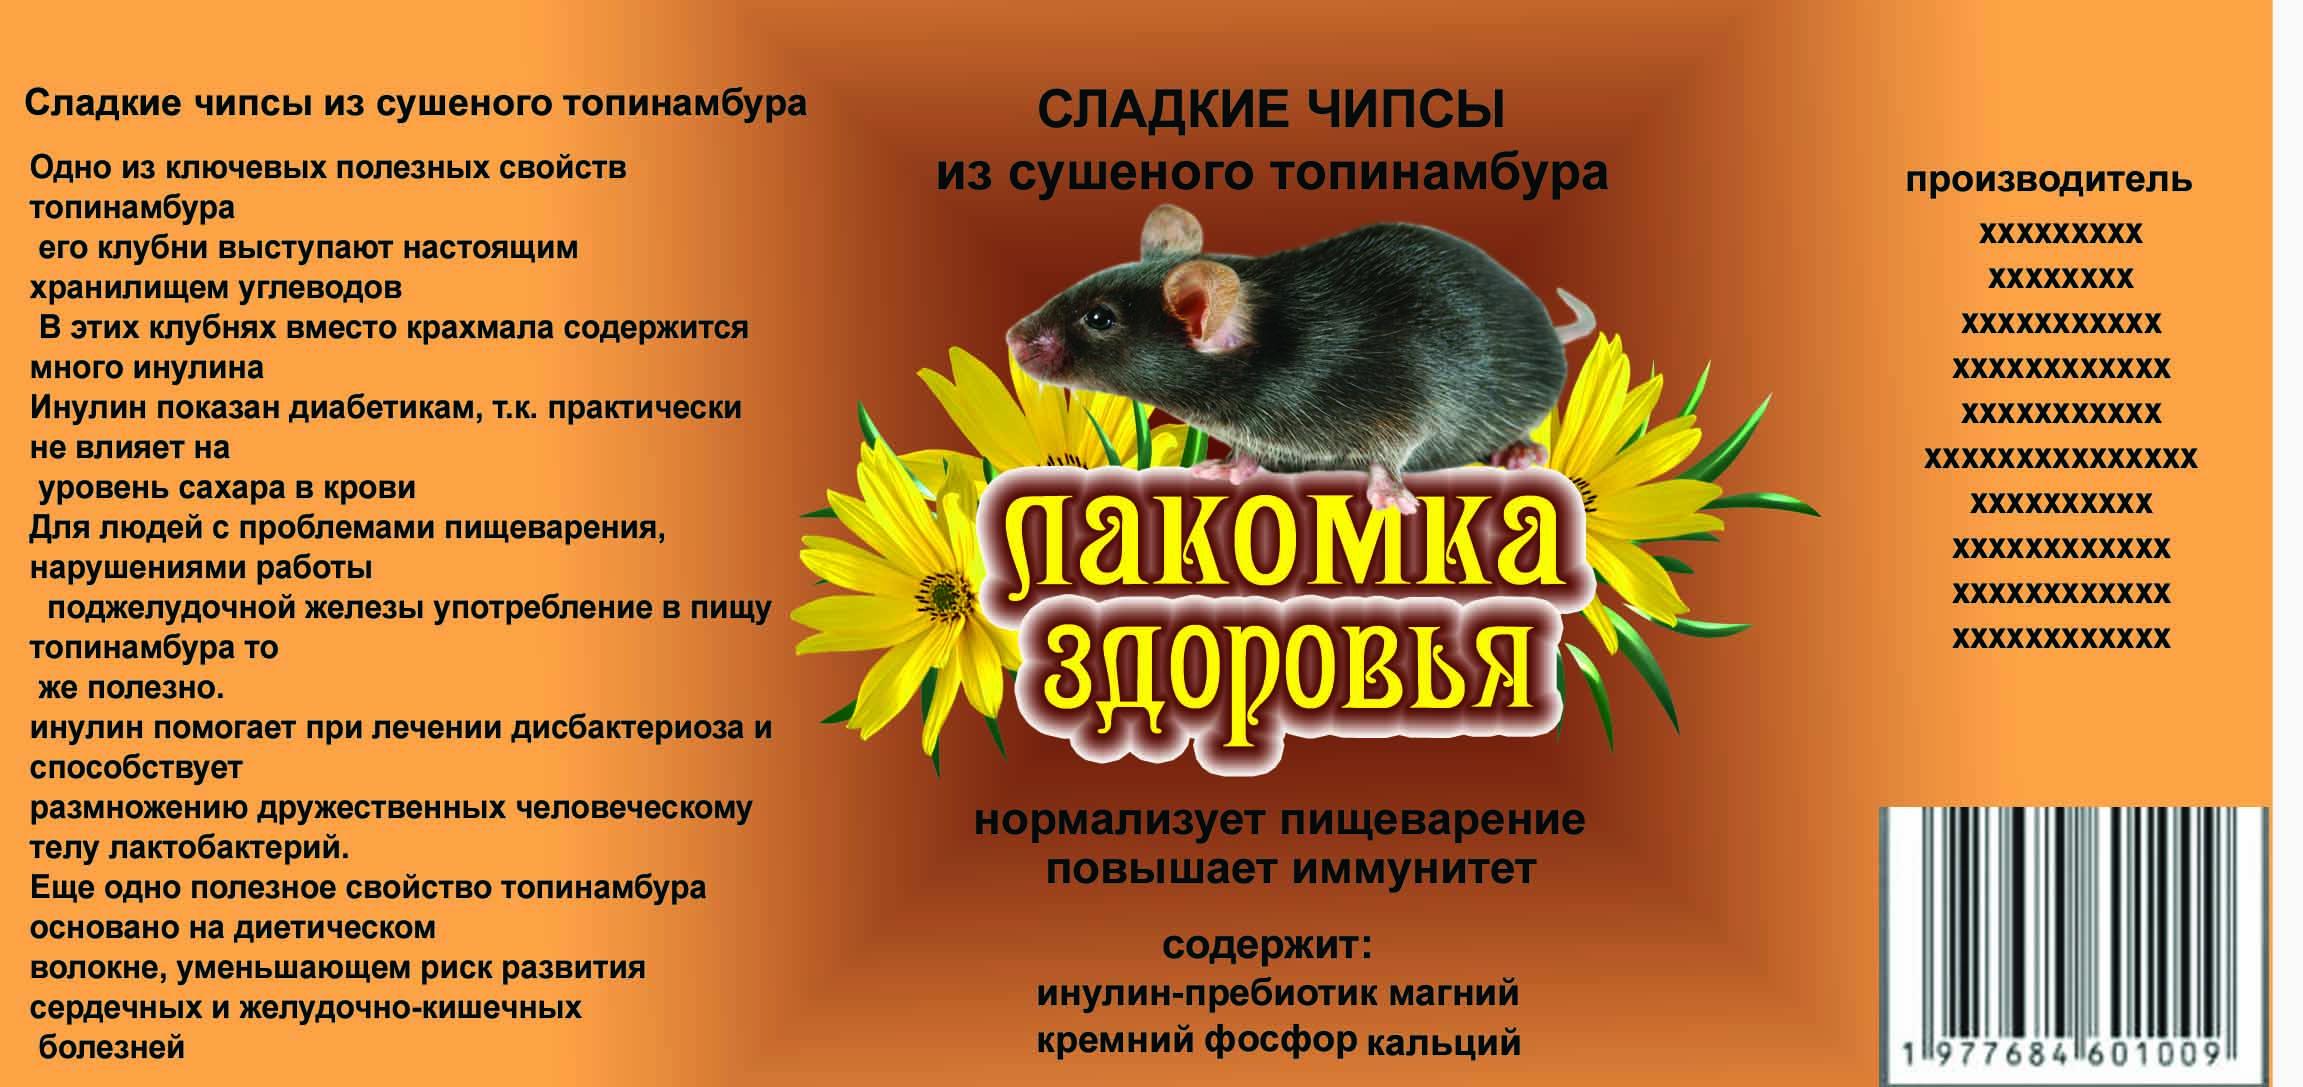 Дизайн этикетки на ПЭТ-банку лакомства для домашних грызунов фото f_41353b2de9caff5f.jpg